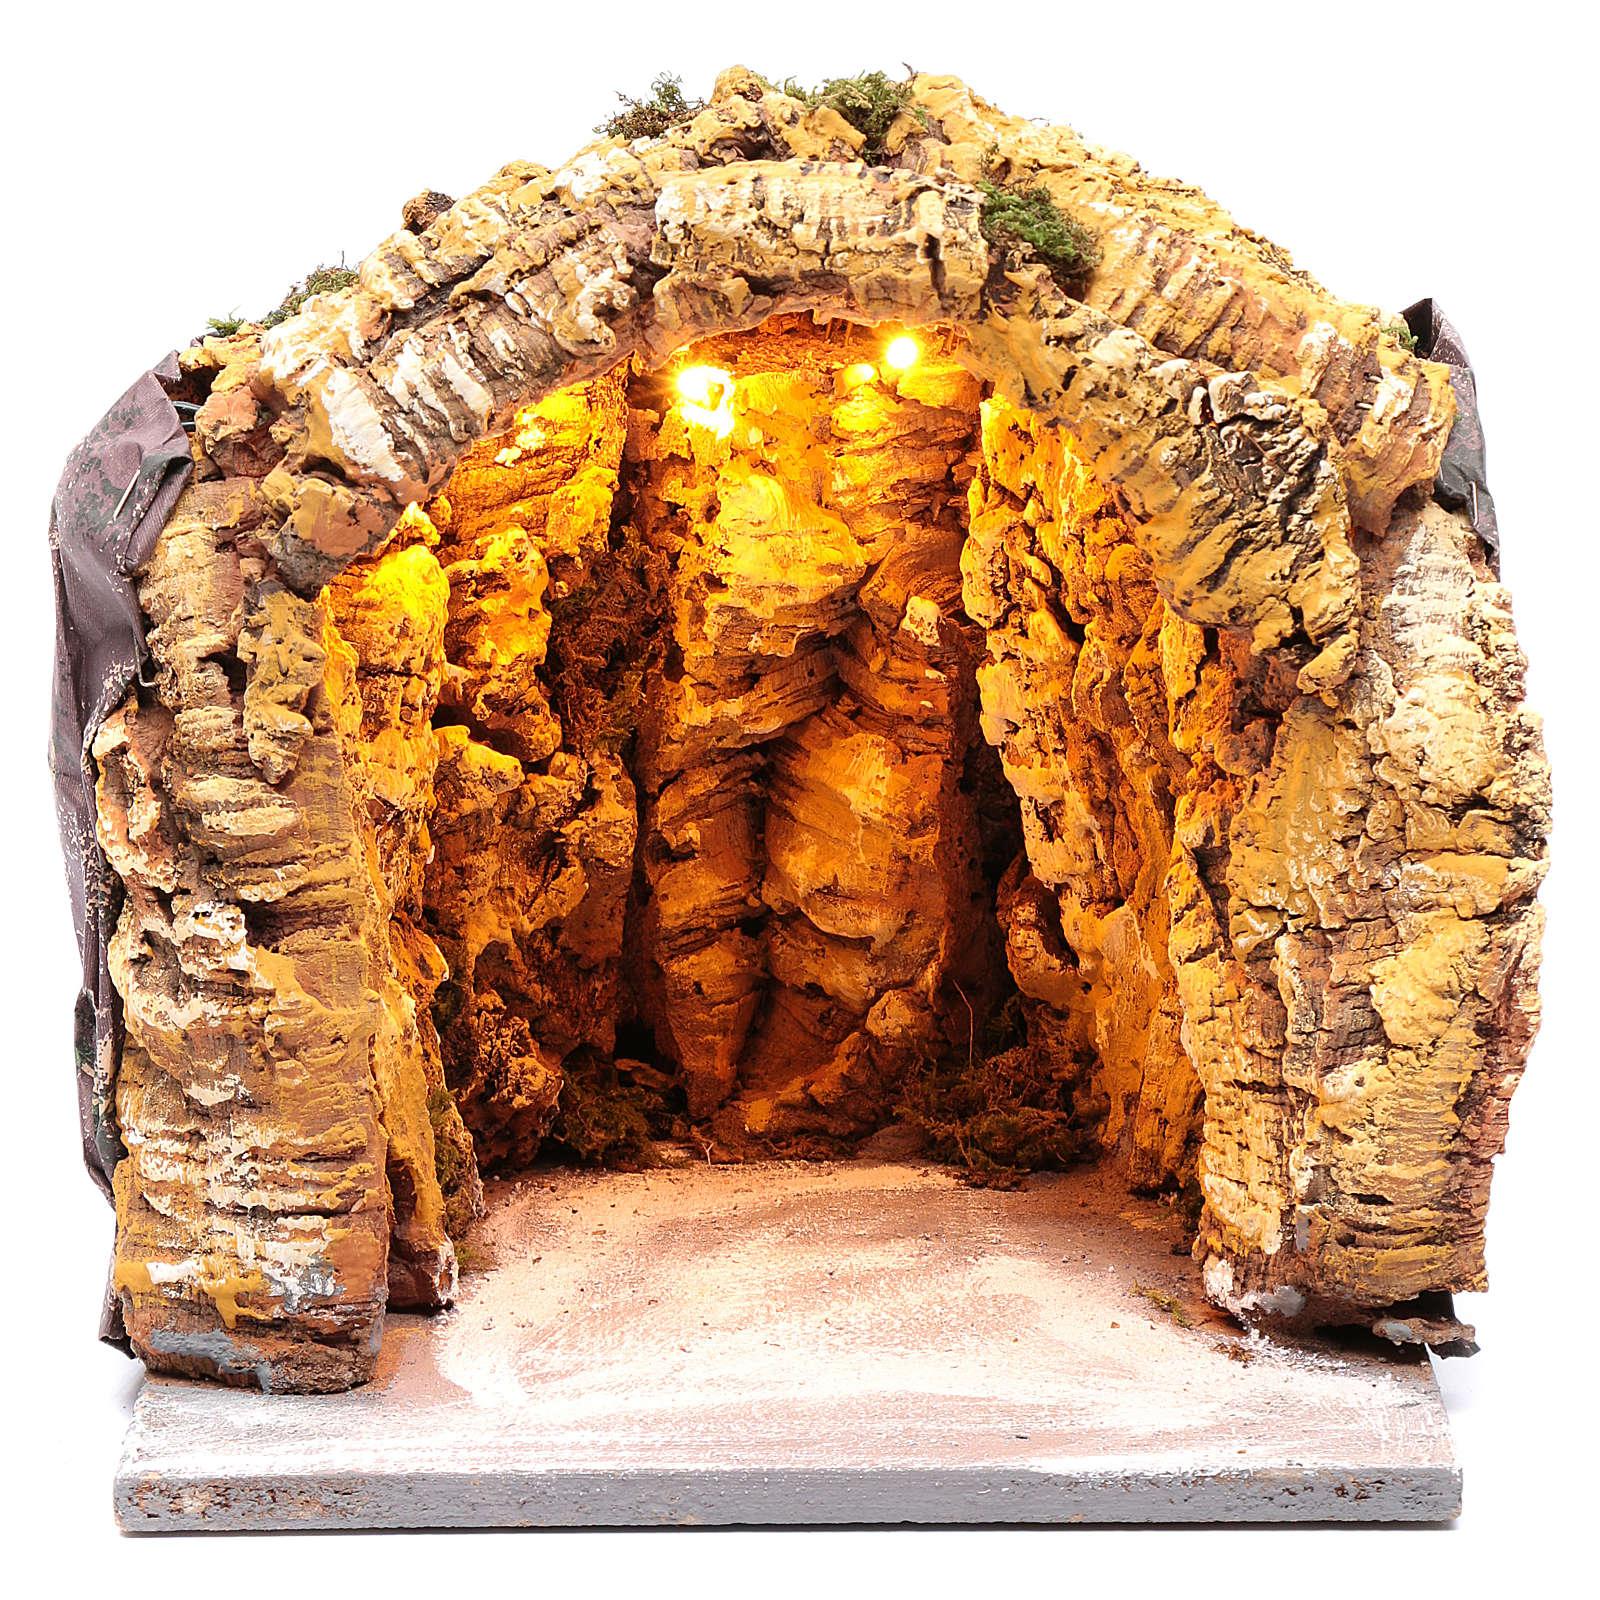 Grotte crèche napolitaine 26x24,3x25,3 cm illuminée 4